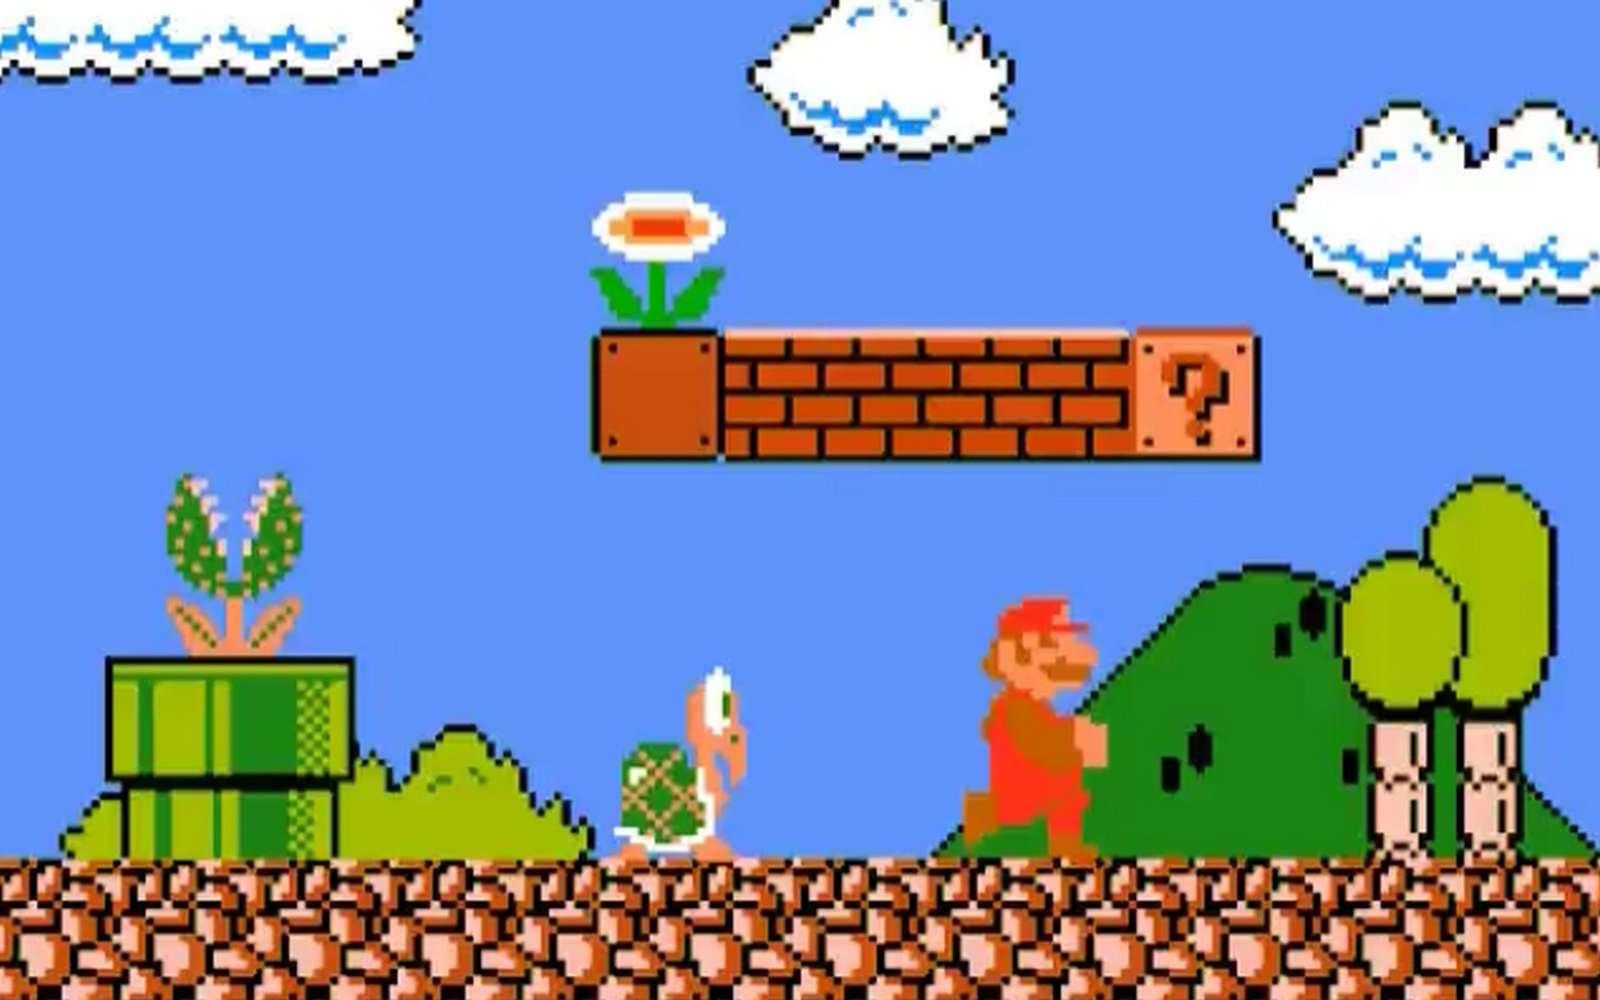 Super Mario Bros. est un grand classique des jeux vidéo de plateforme. Une intelligence artificielle (IA) a recréé un de ces jeux juste en l'observant. © Nintendo